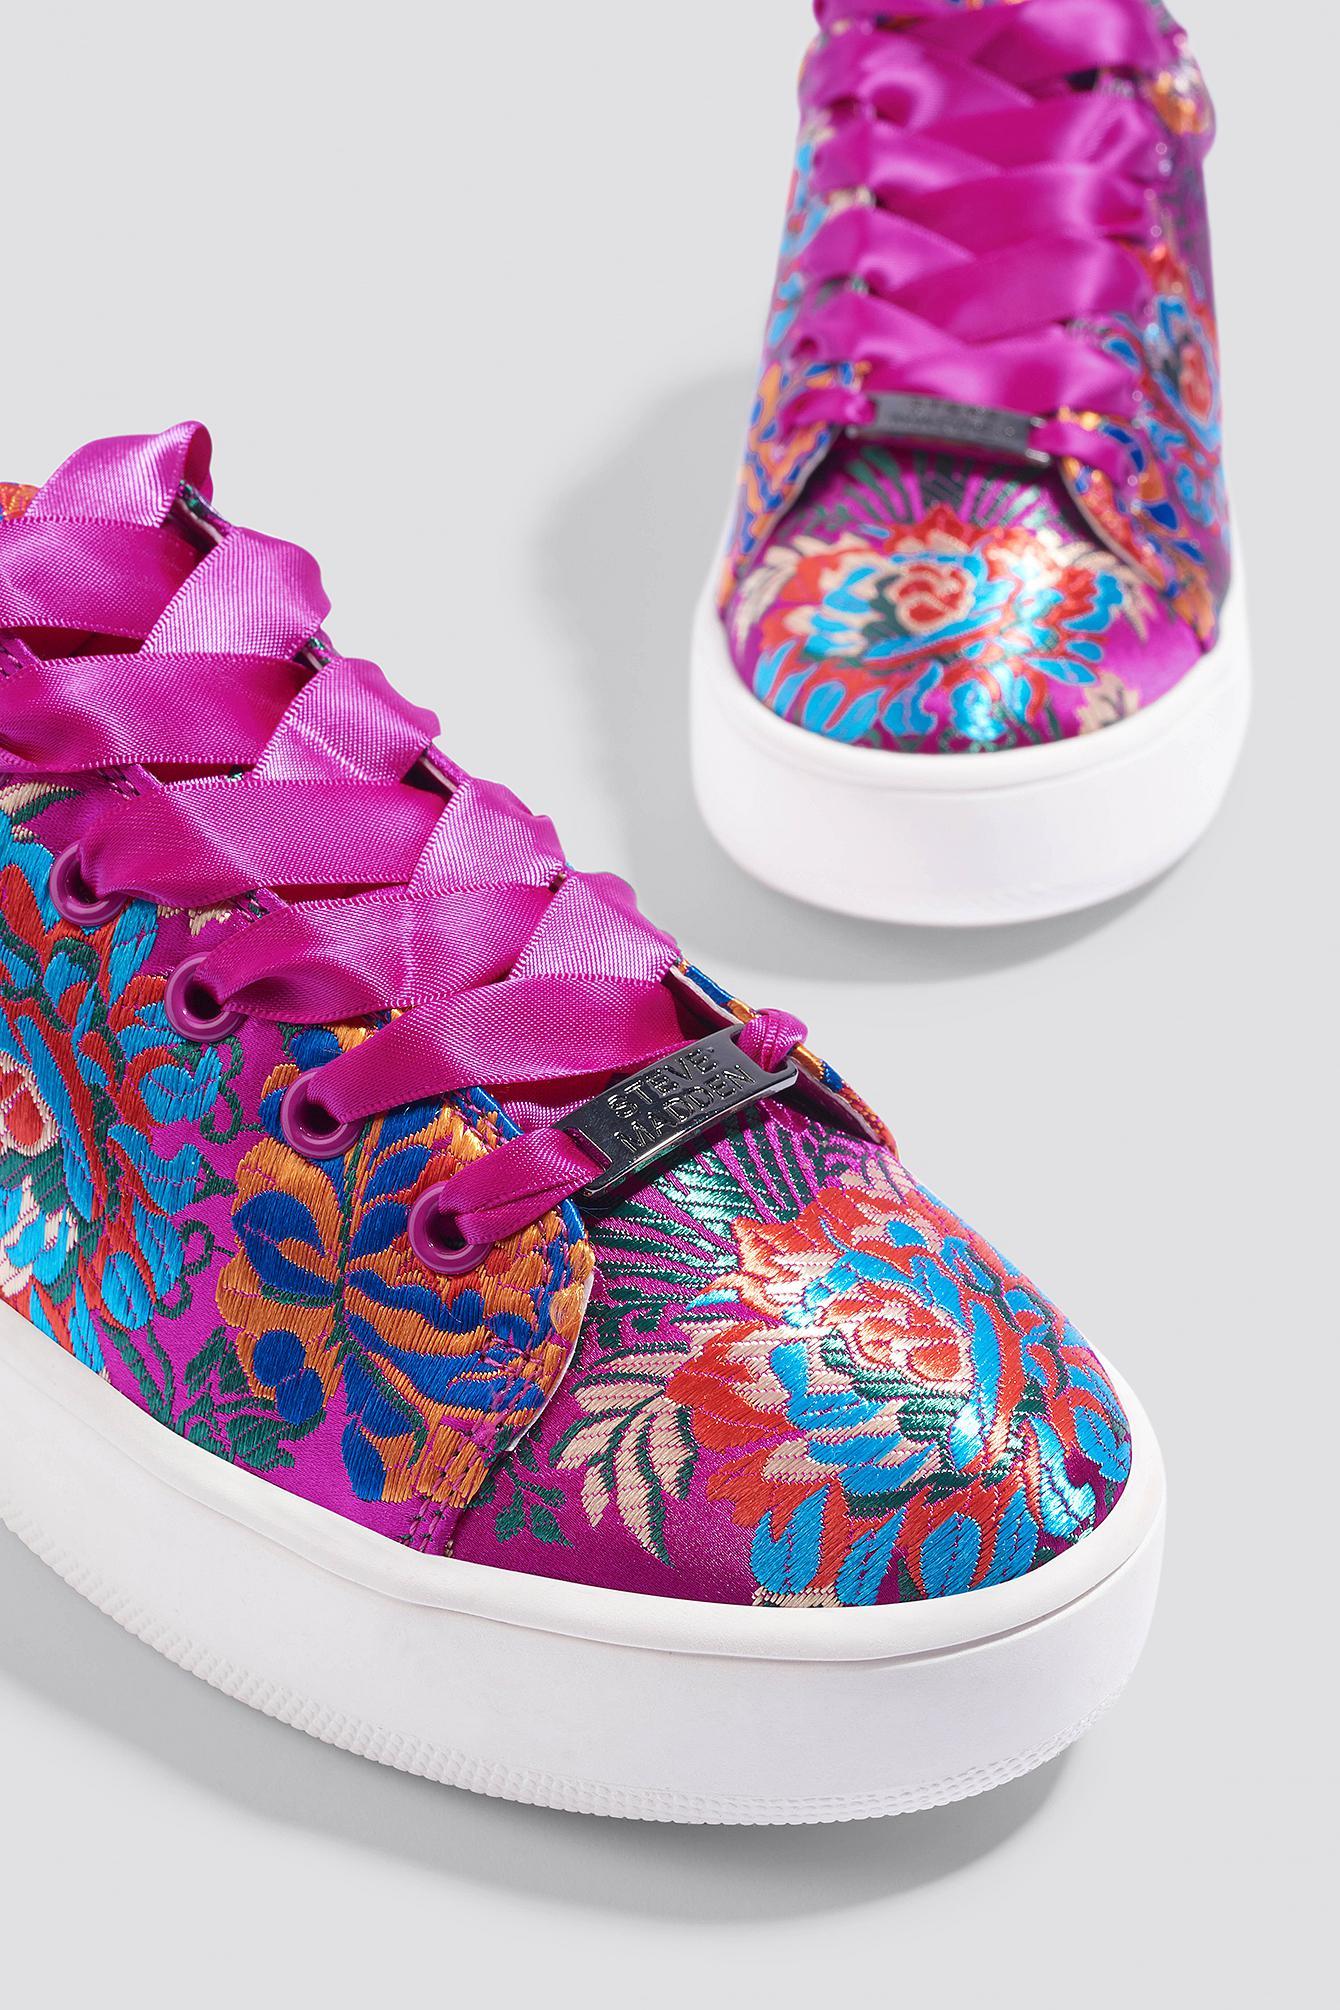 Steve Madden Satin Brody Sneaker